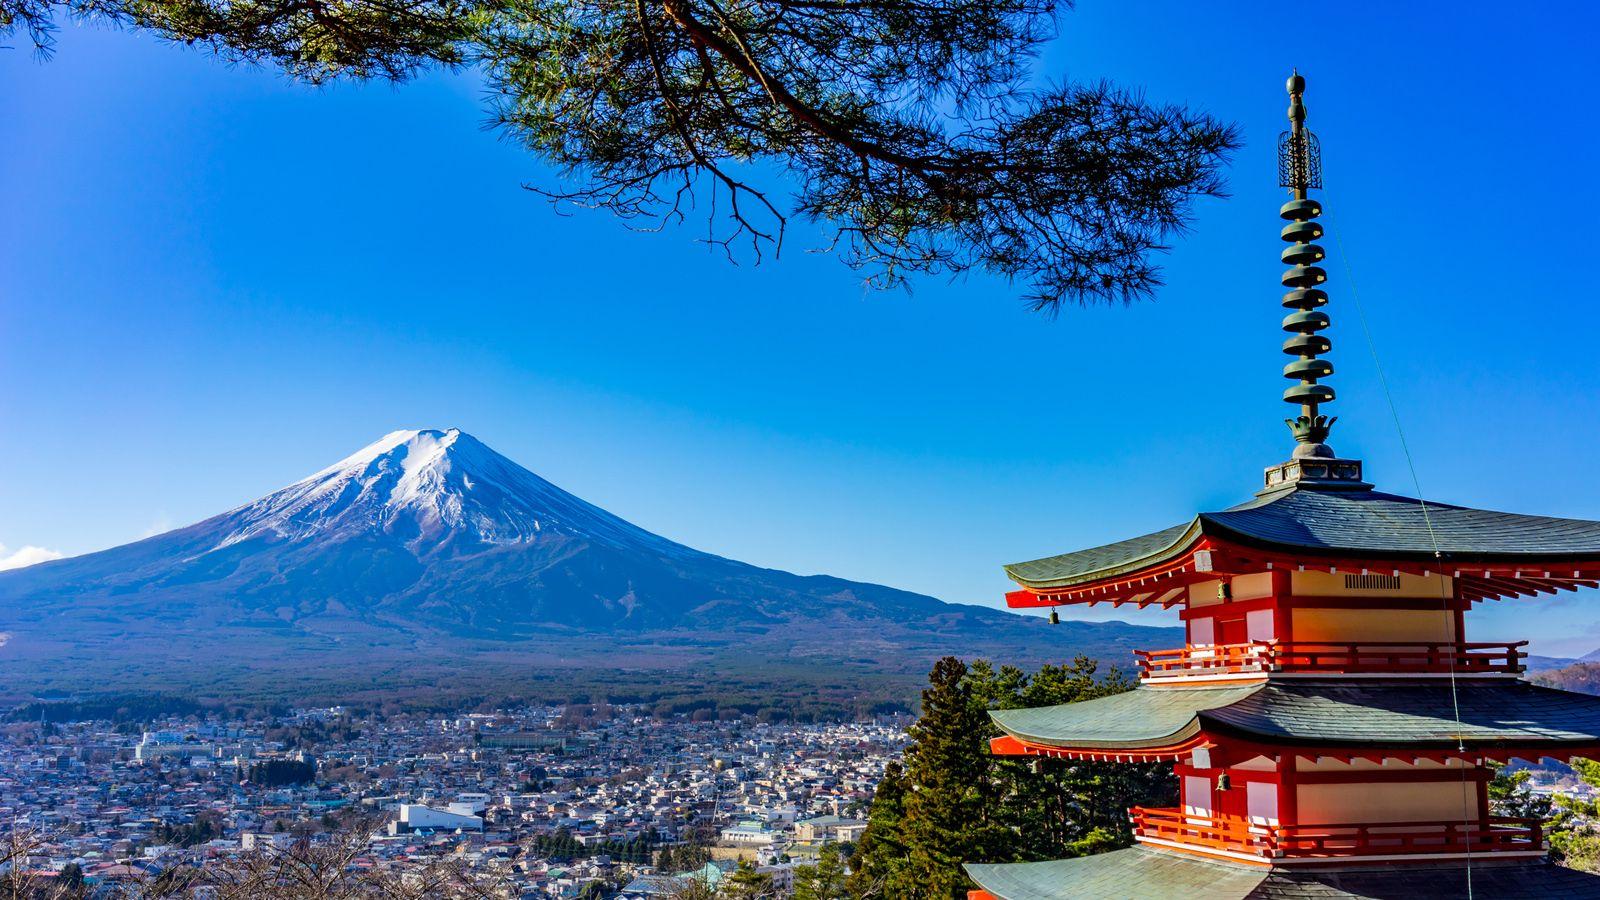 日本 反応 の コロナ 海外